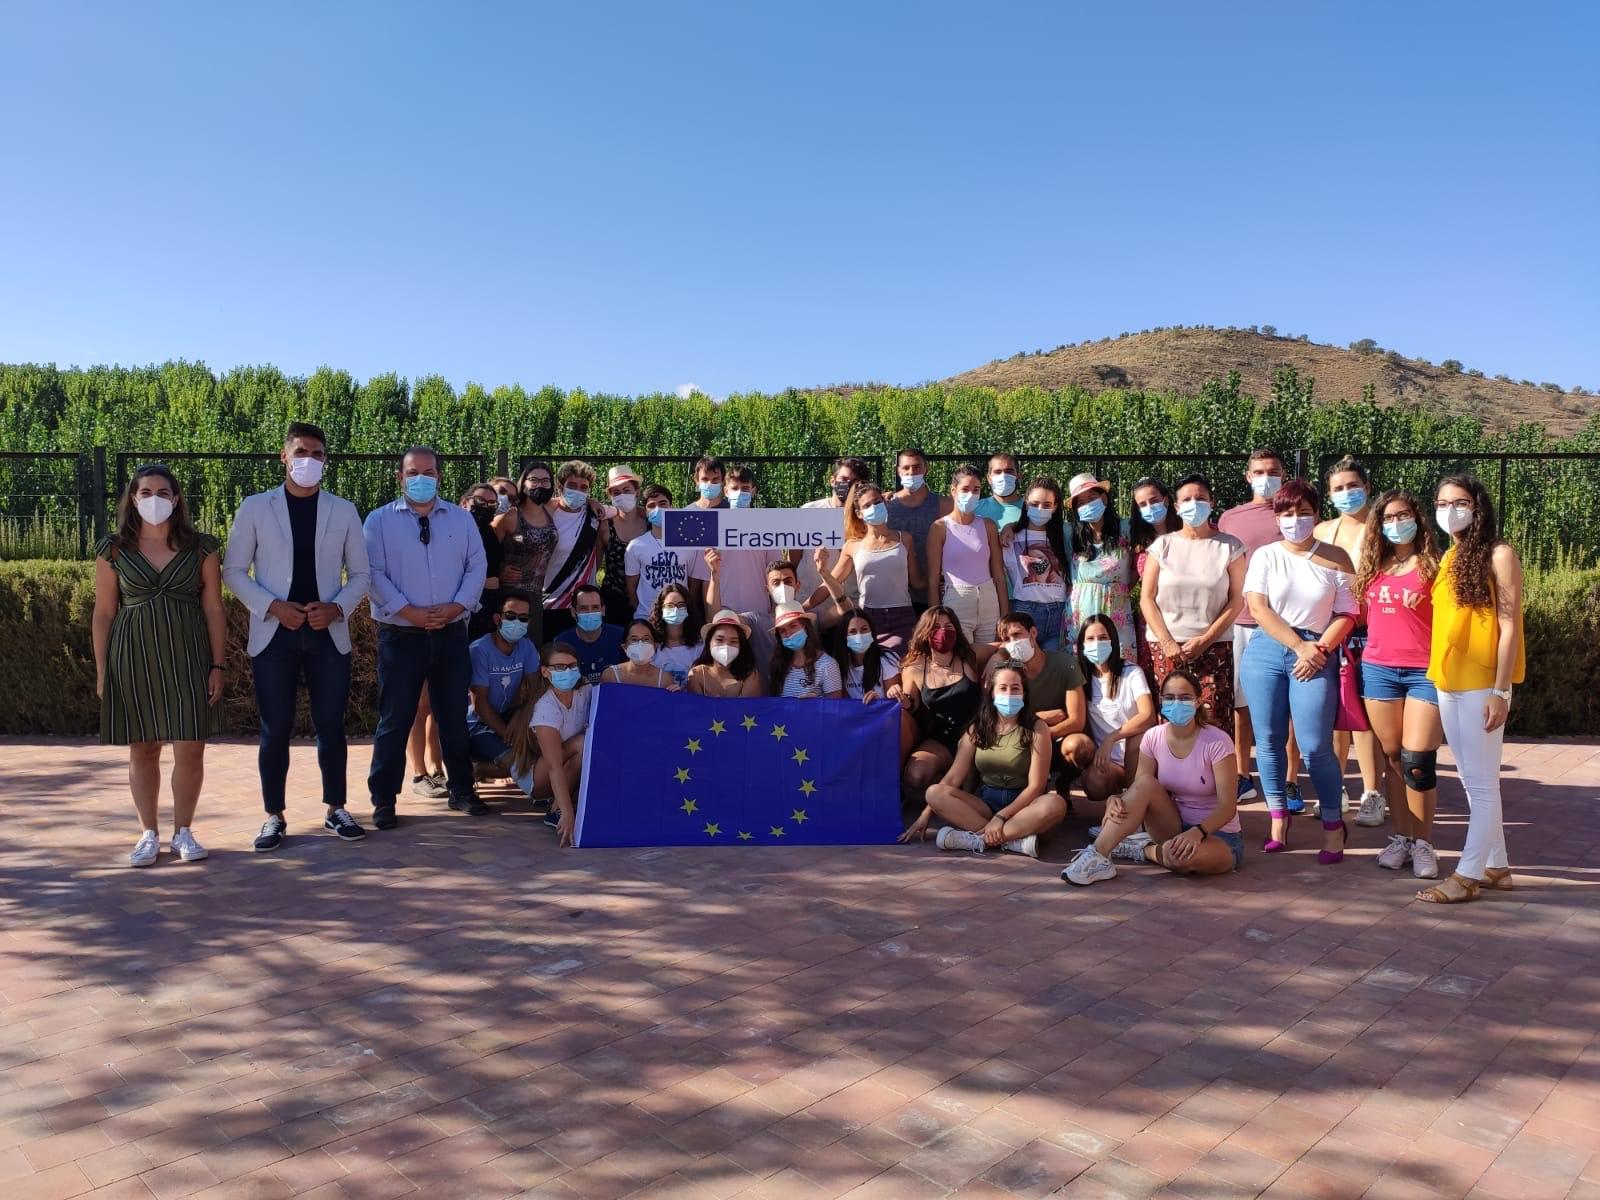 """La diputada de Igualdad y Juventud recibe en Villanueva Mesía a jóvenes del programa """"Erasmus+"""""""